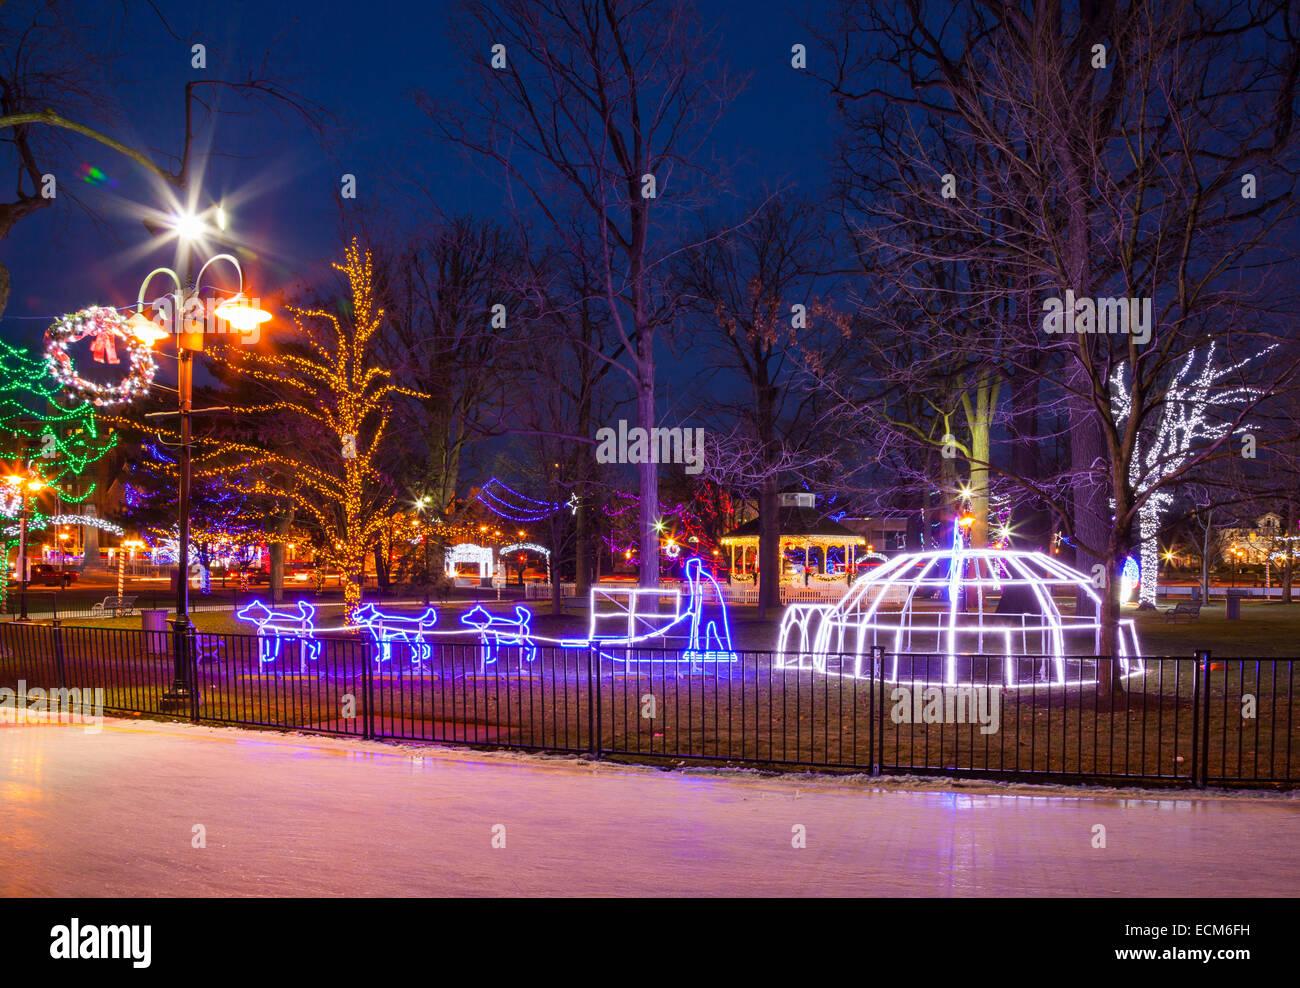 Le decorazioni di Natale in dicembre a Gage Park. Downtown, Brampton, Ontario, Canada. Immagini Stock